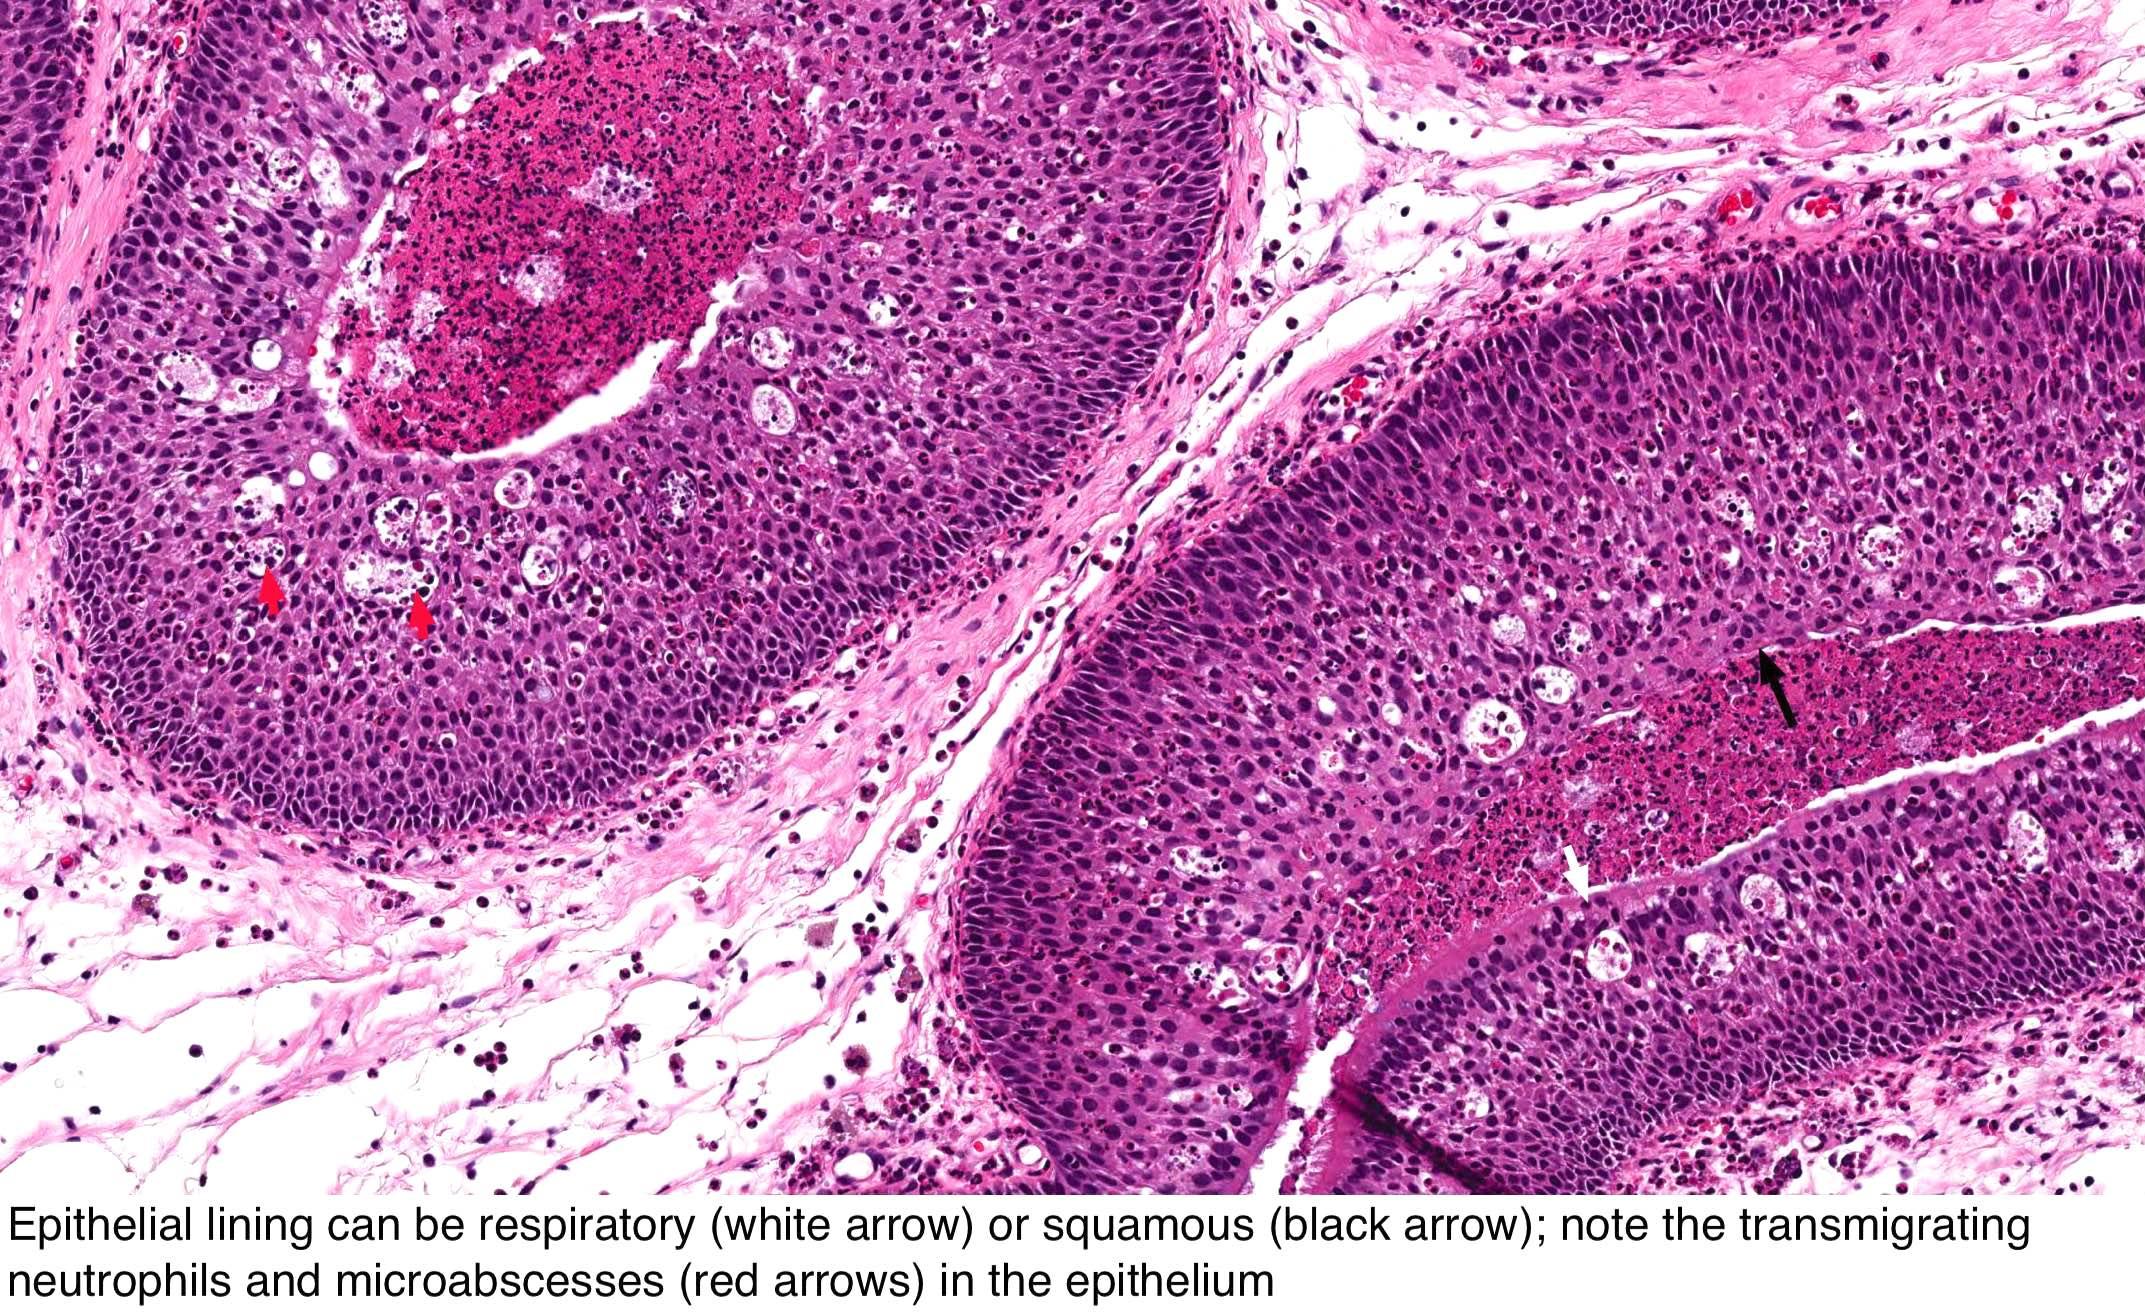 schneiderian papilloma fungiform type virus papiloma humano ppt